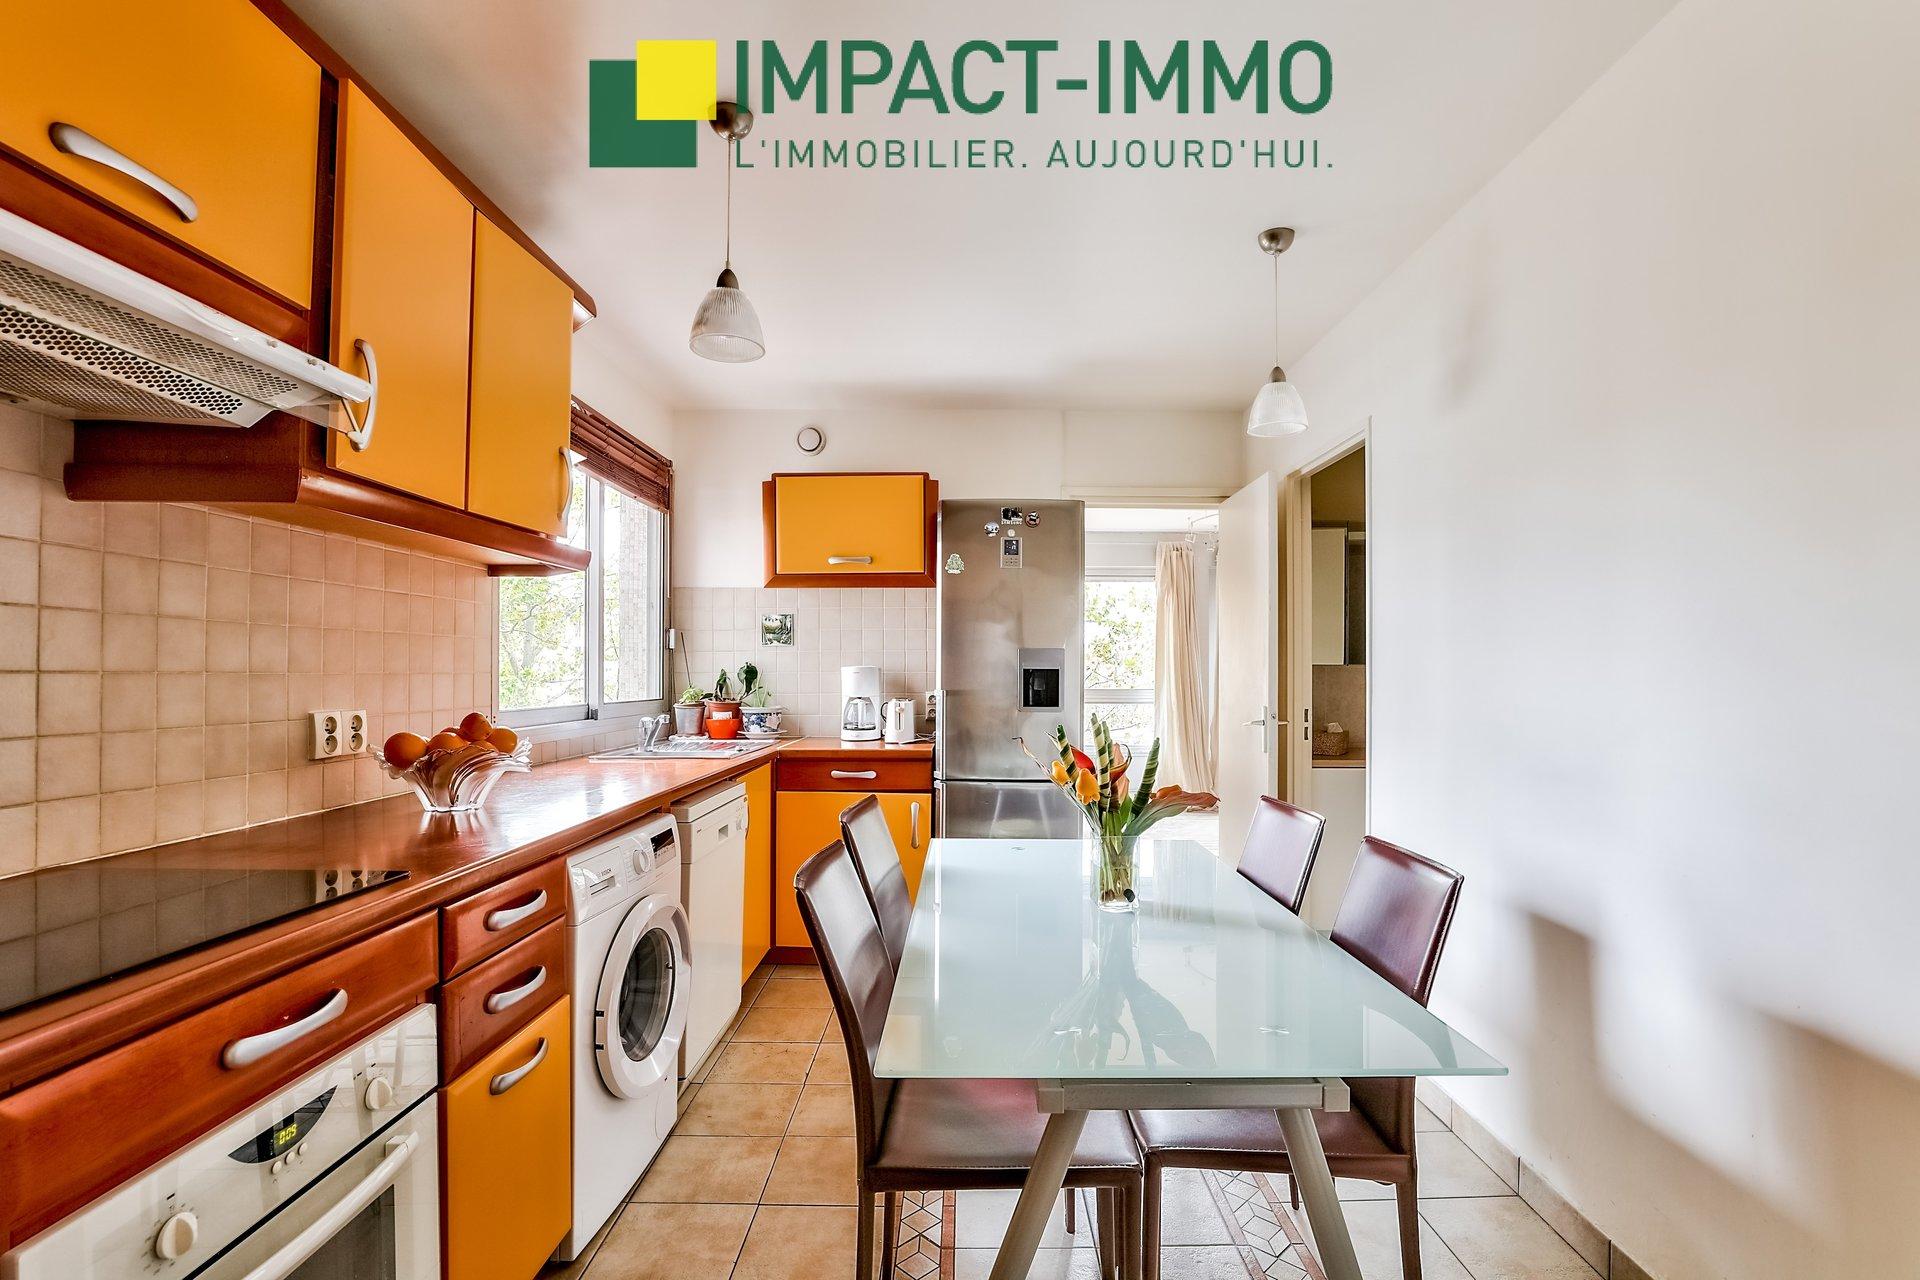 A Vendre Appartement Courbevoie 3 pièce(s) 82 m2 + Parking